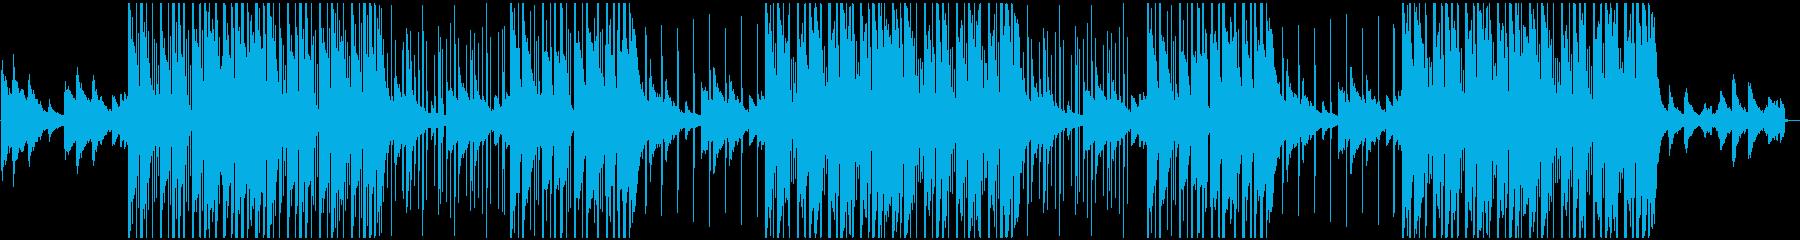 涼しげな日本風チルビートの再生済みの波形